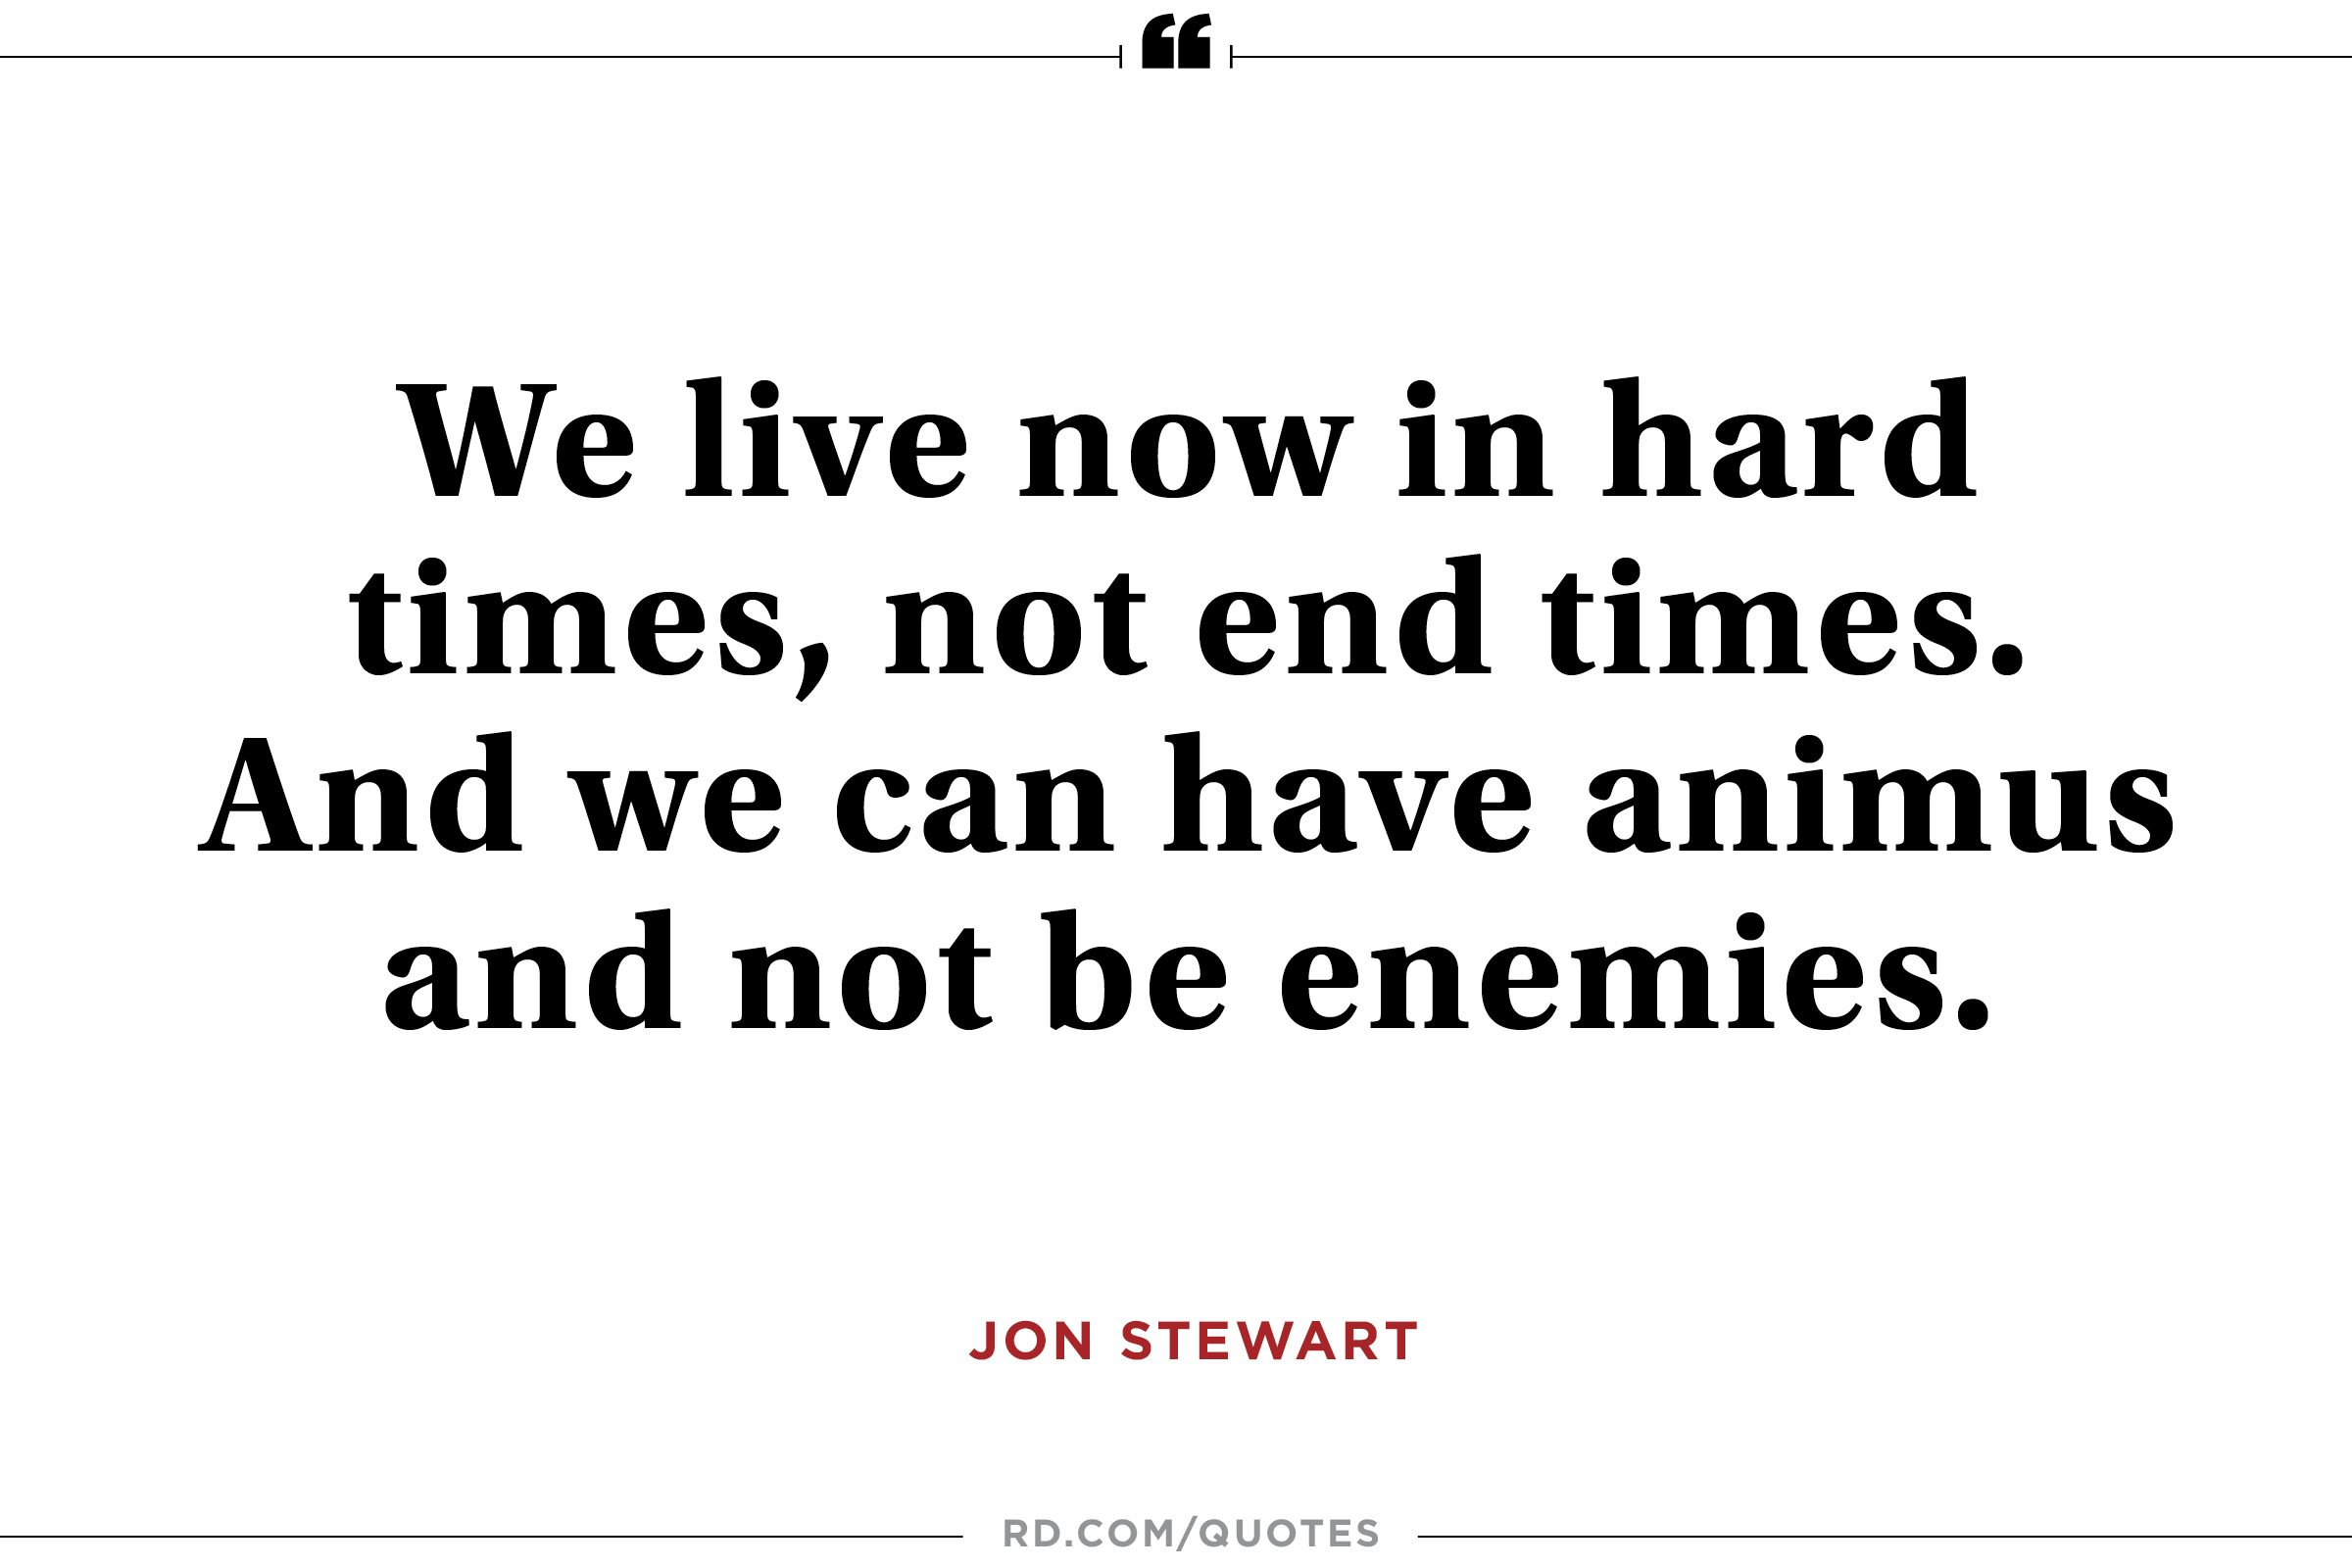 Jon Stewart on Hope